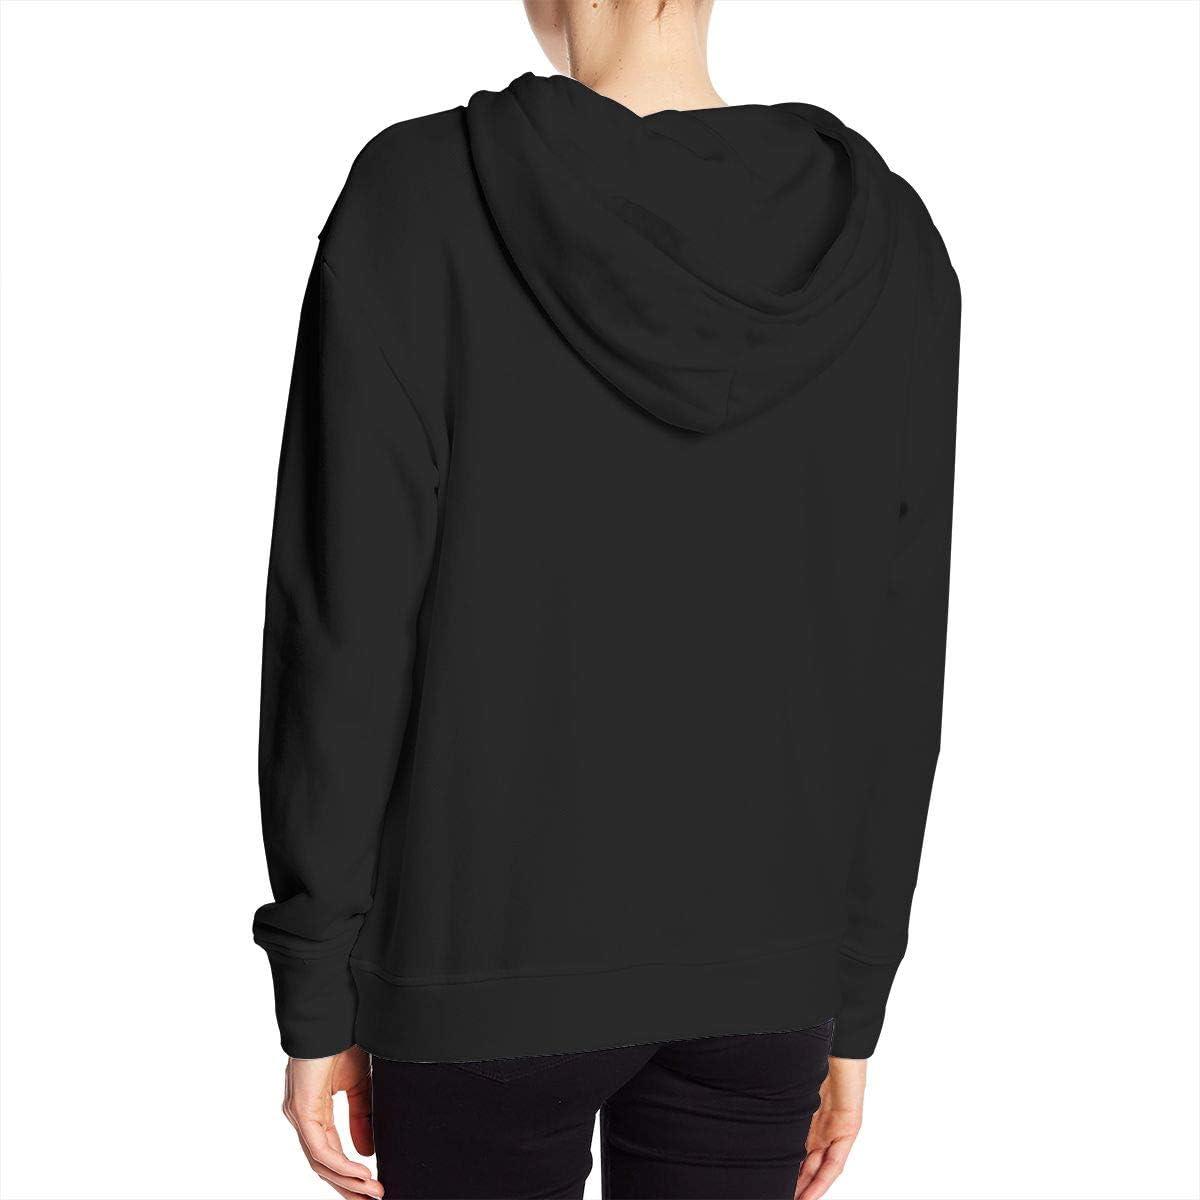 NOT Poisonus Womens Sweater